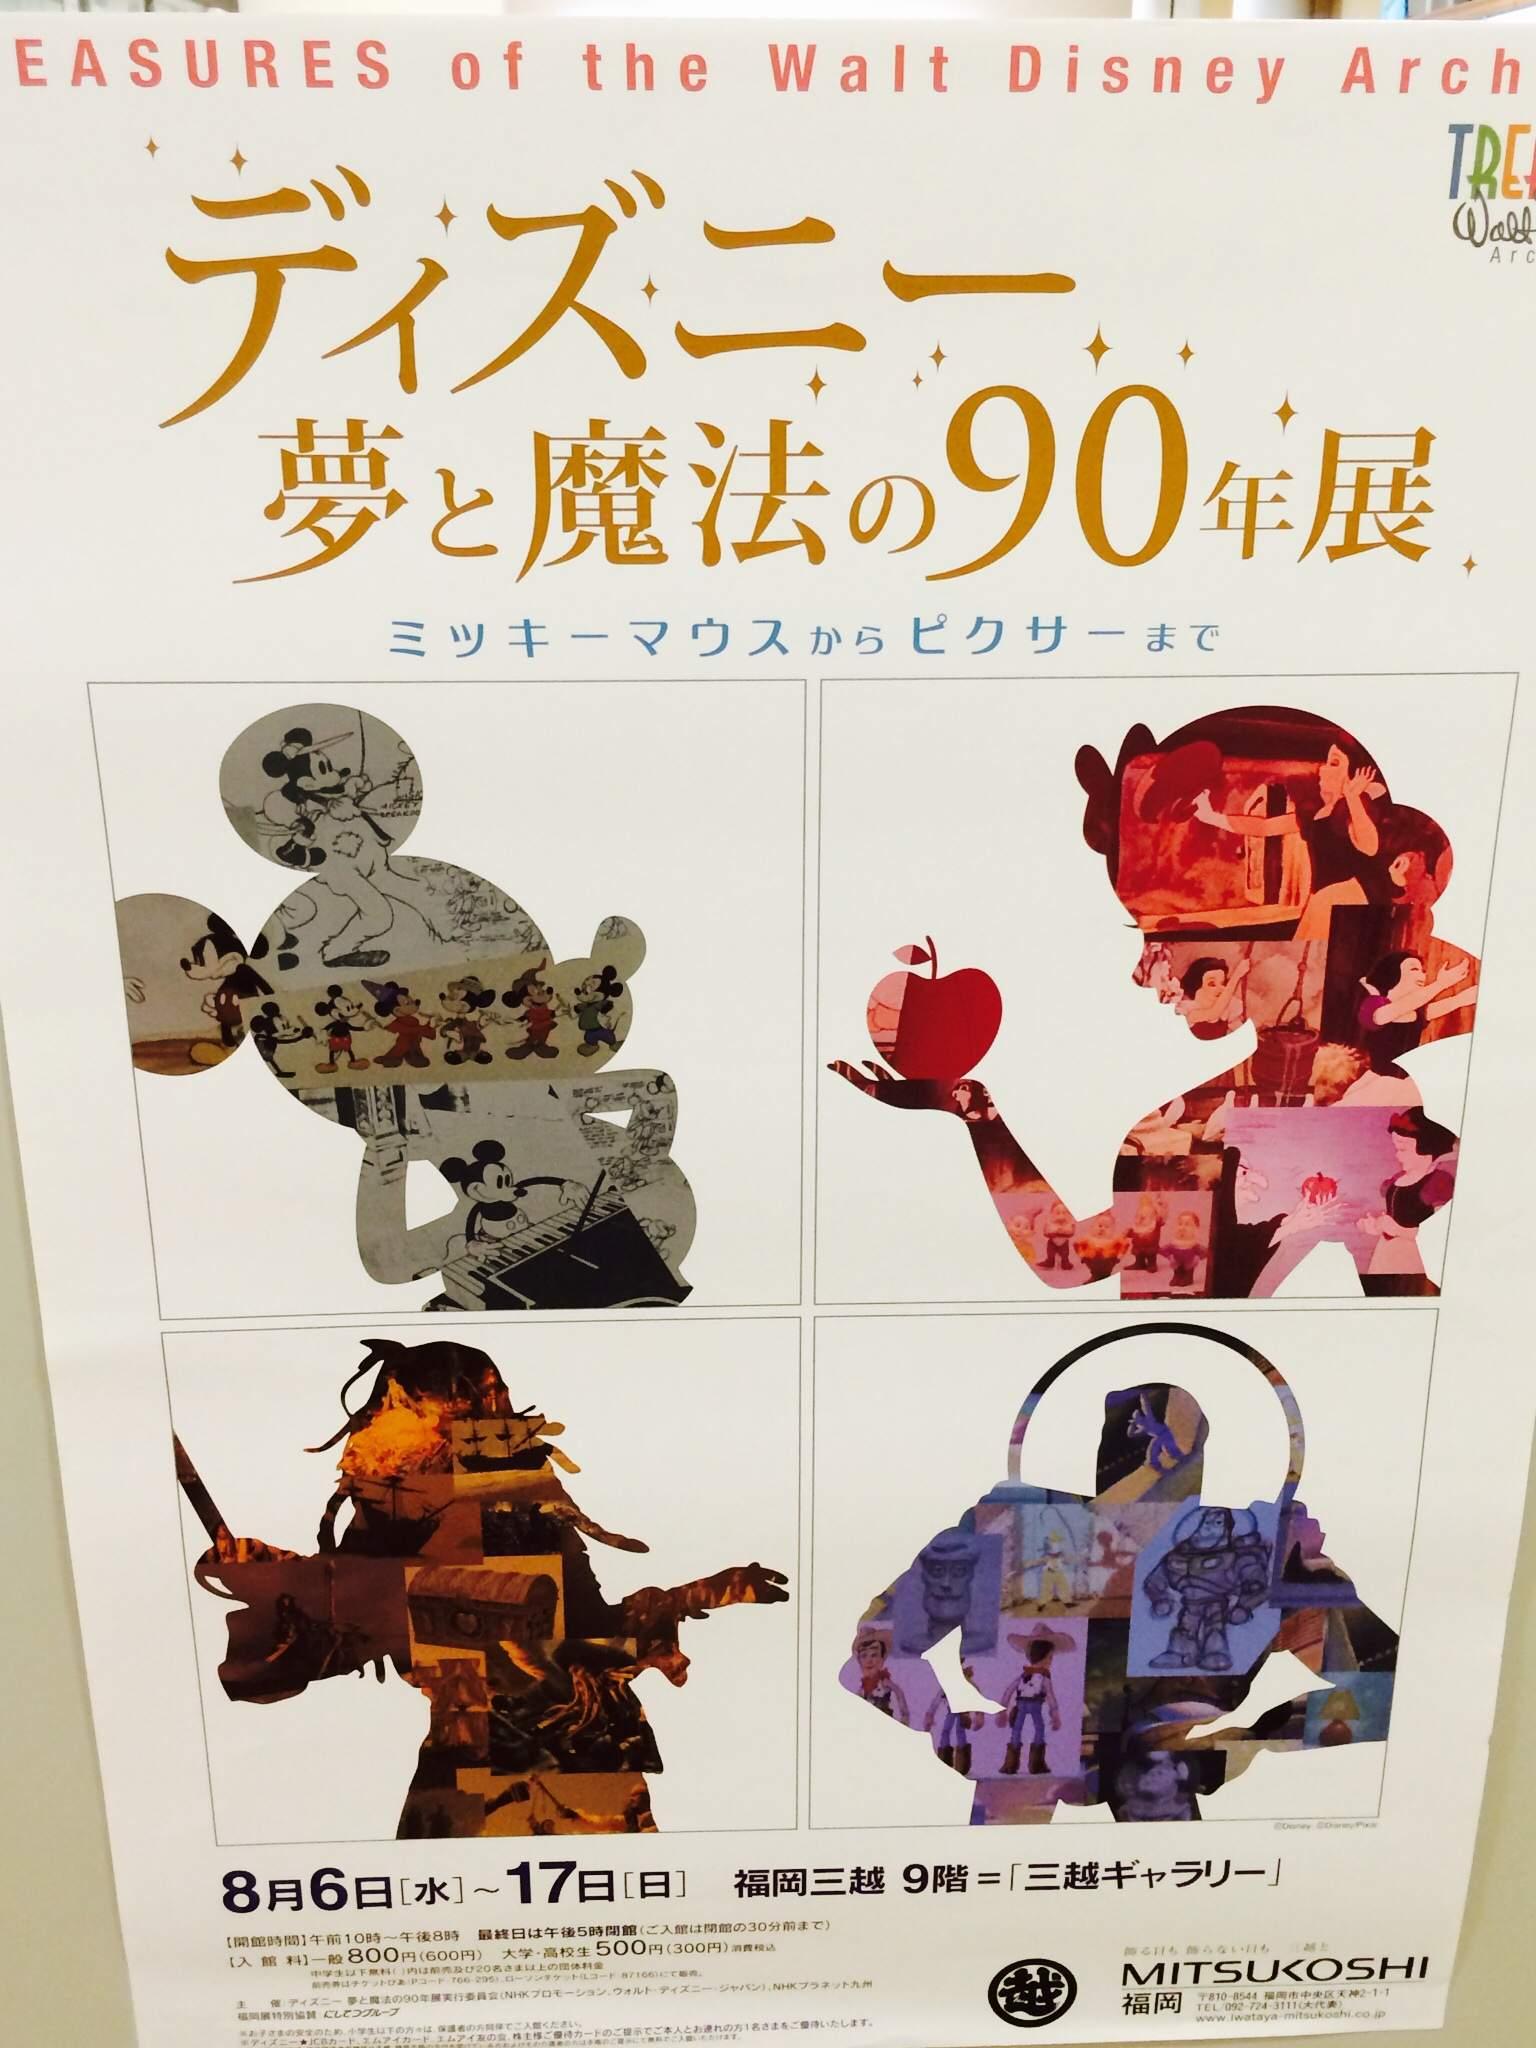 <福岡>ディズニー 夢と魔法の90年展♡